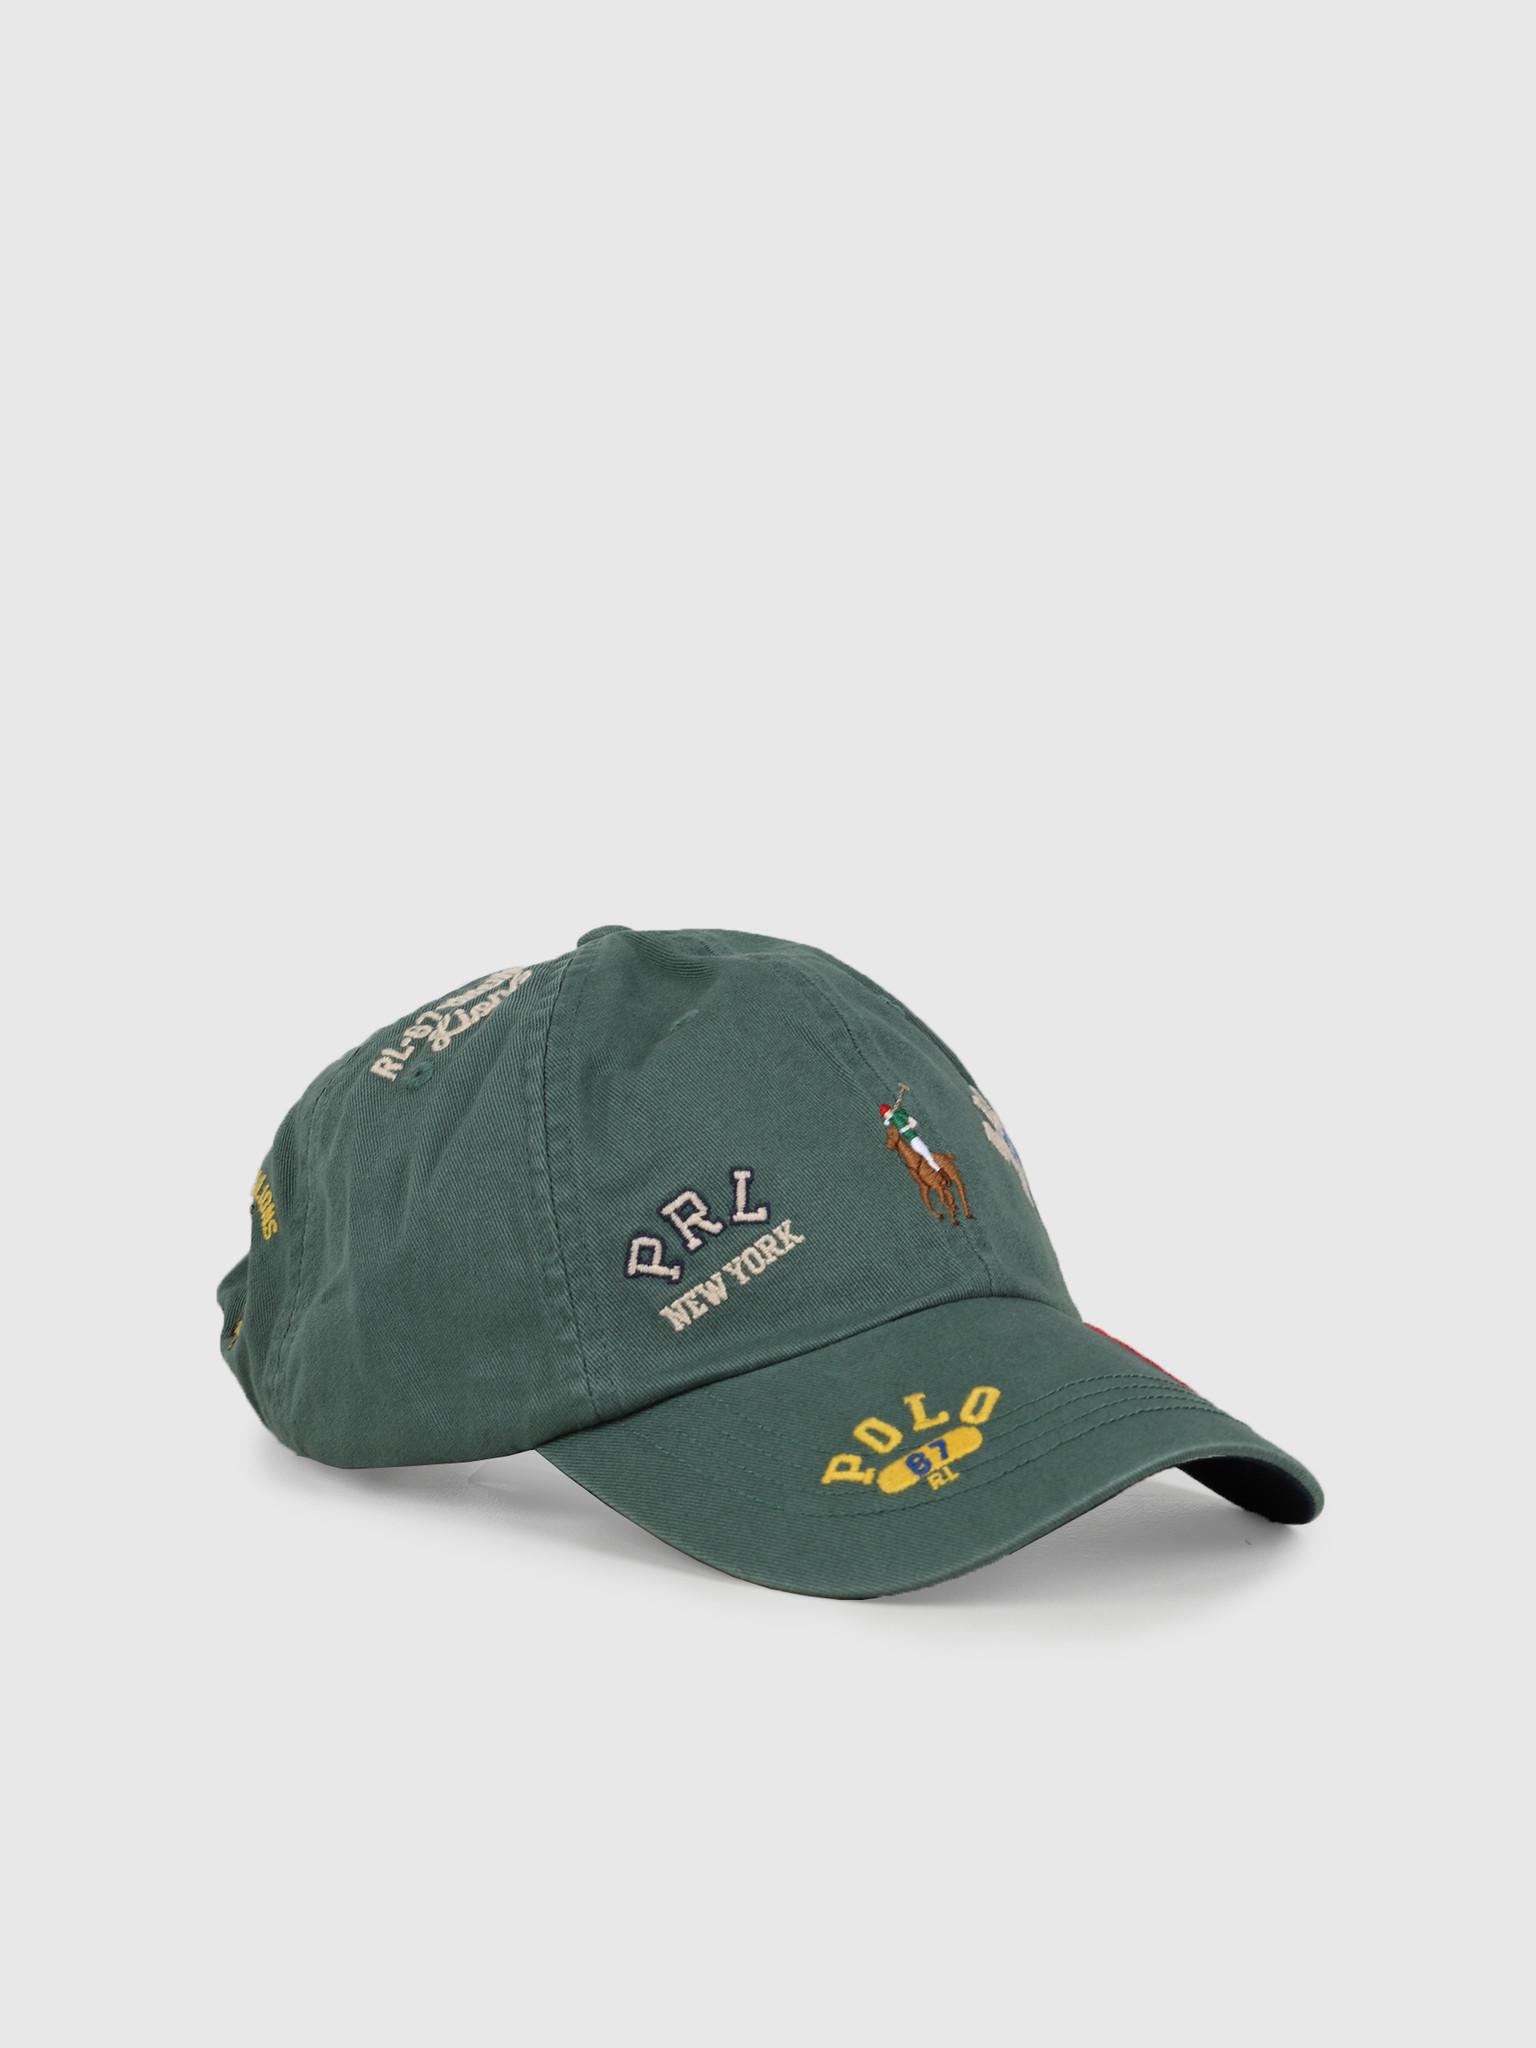 Polo Ralph Lauren Polo Ralph Lauren Cls Sprt Cap Hat Green 710780283002